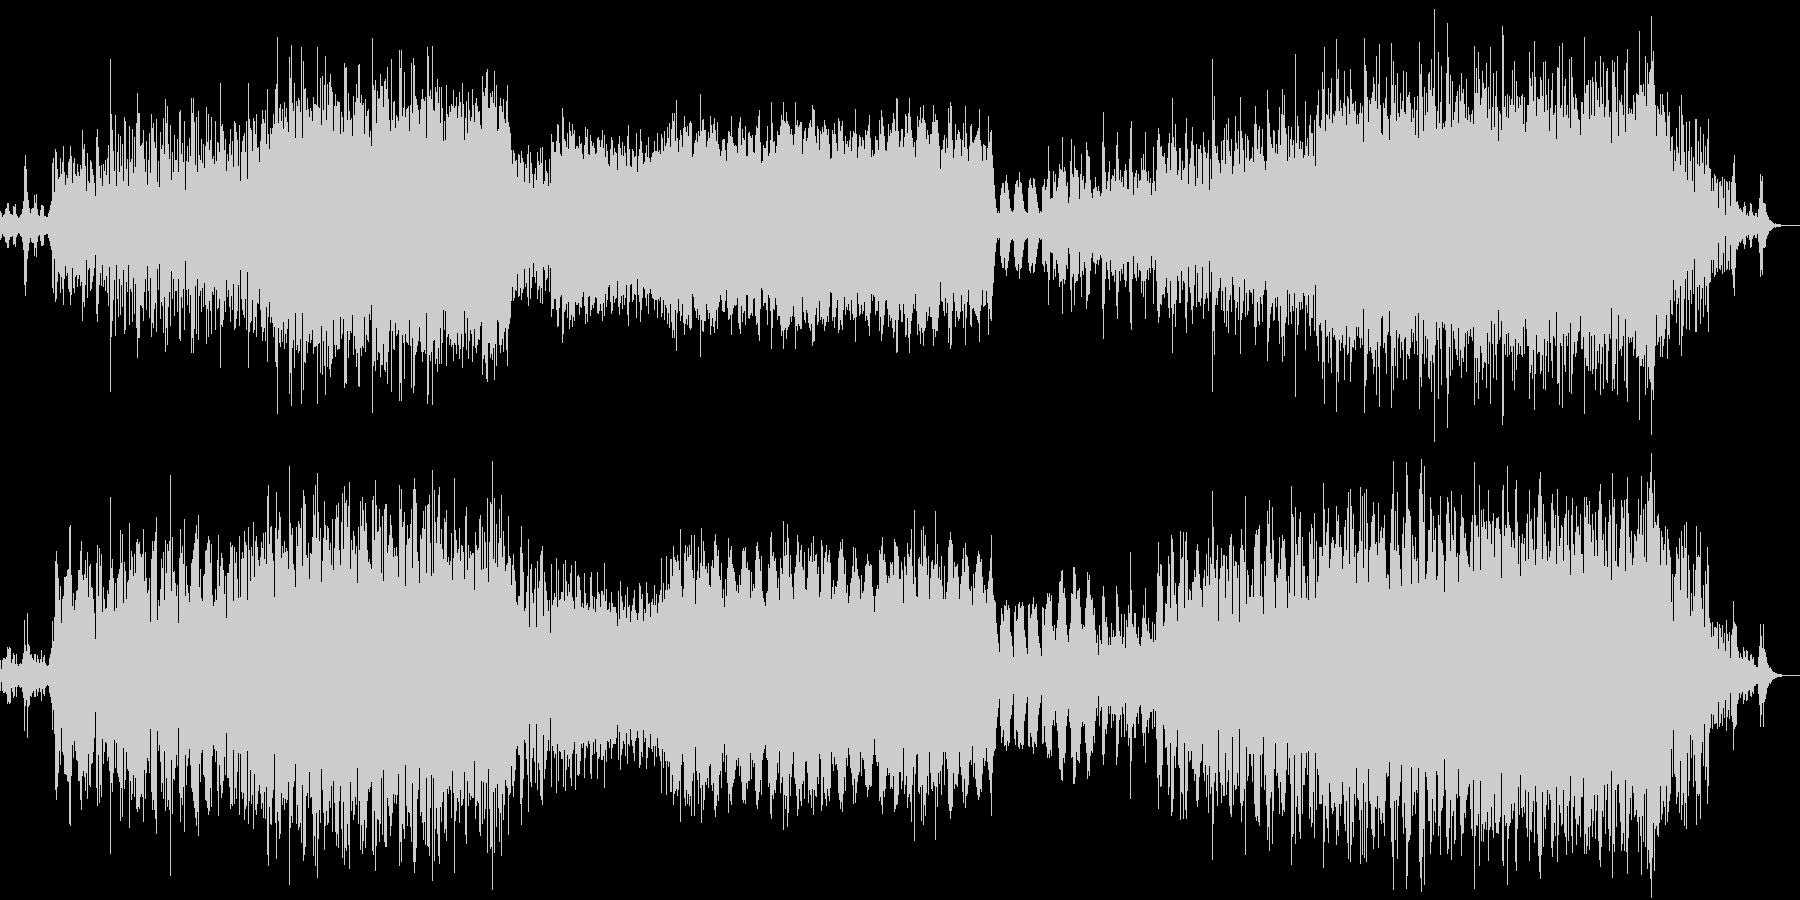 何かが始まると予感させて突き進むテクノ曲の未再生の波形